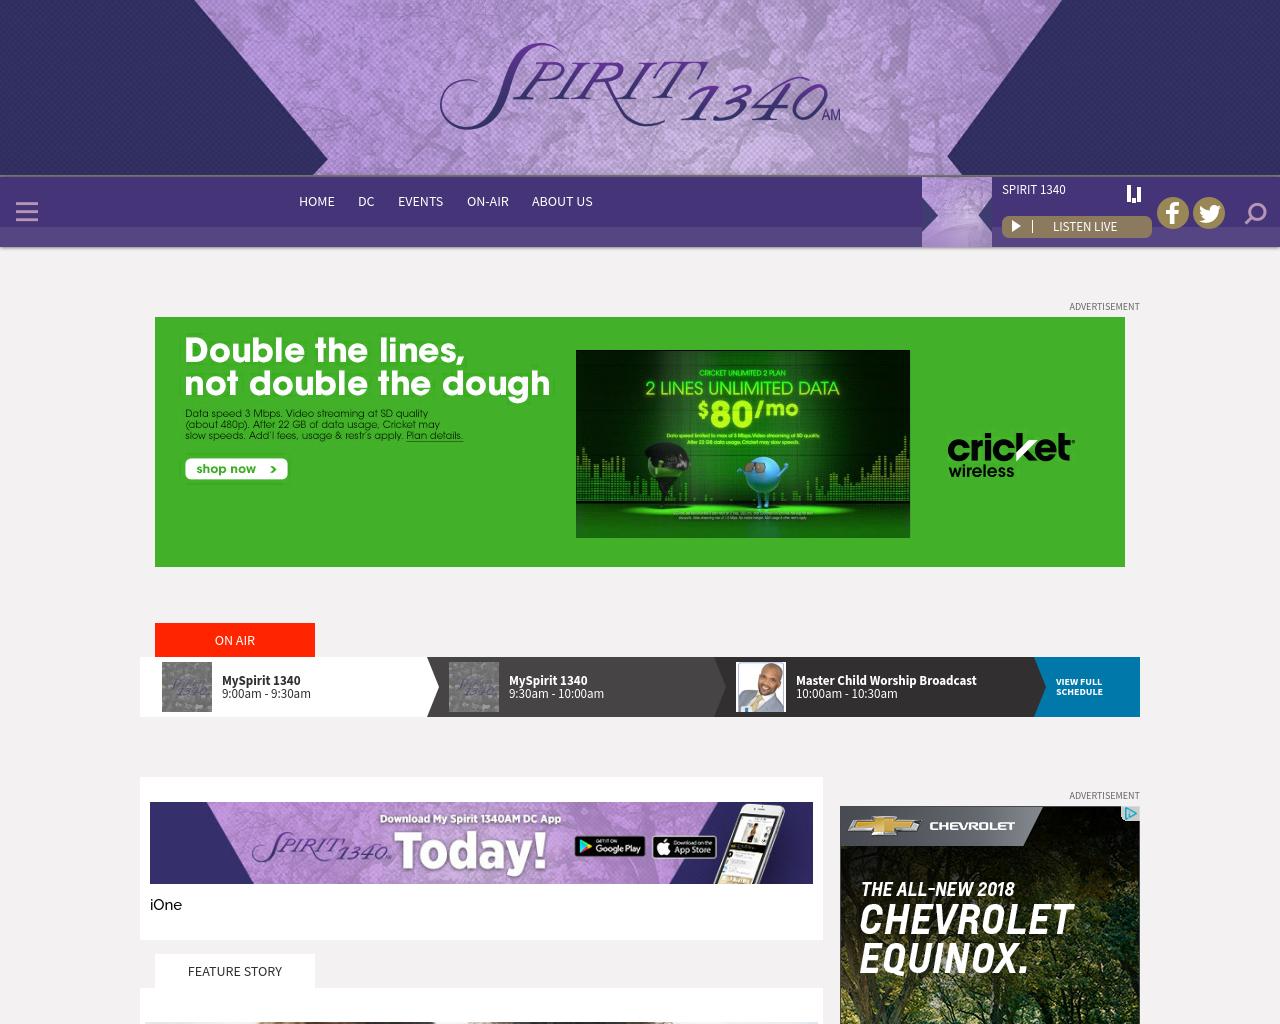 Spirit-1340-Advertising-Reviews-Pricing